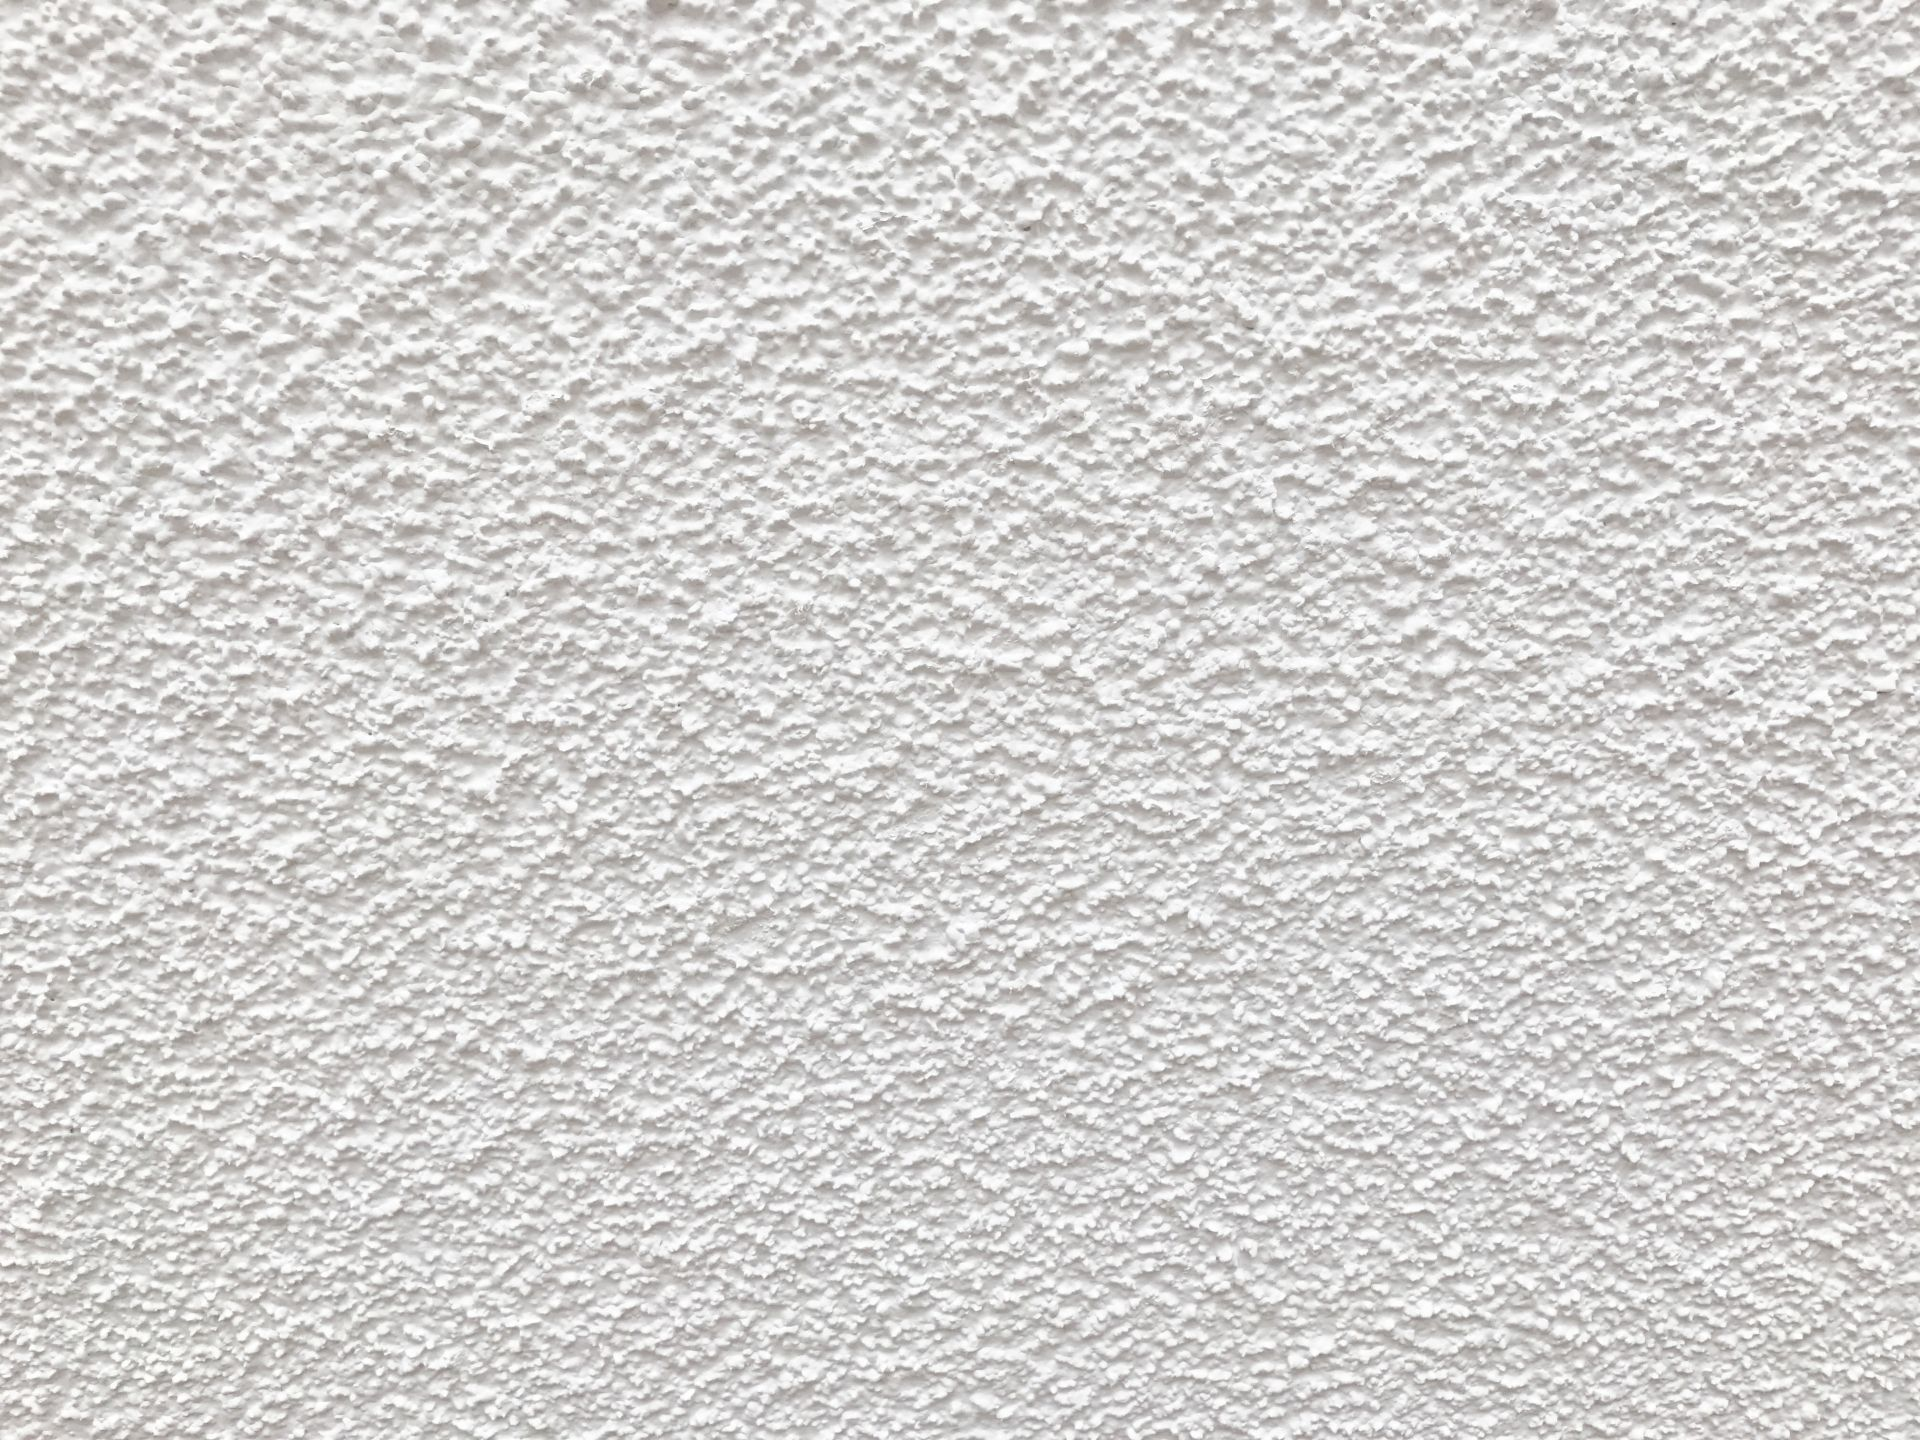 「石綿」とは何か? 誰でもわかるリノベ用語集